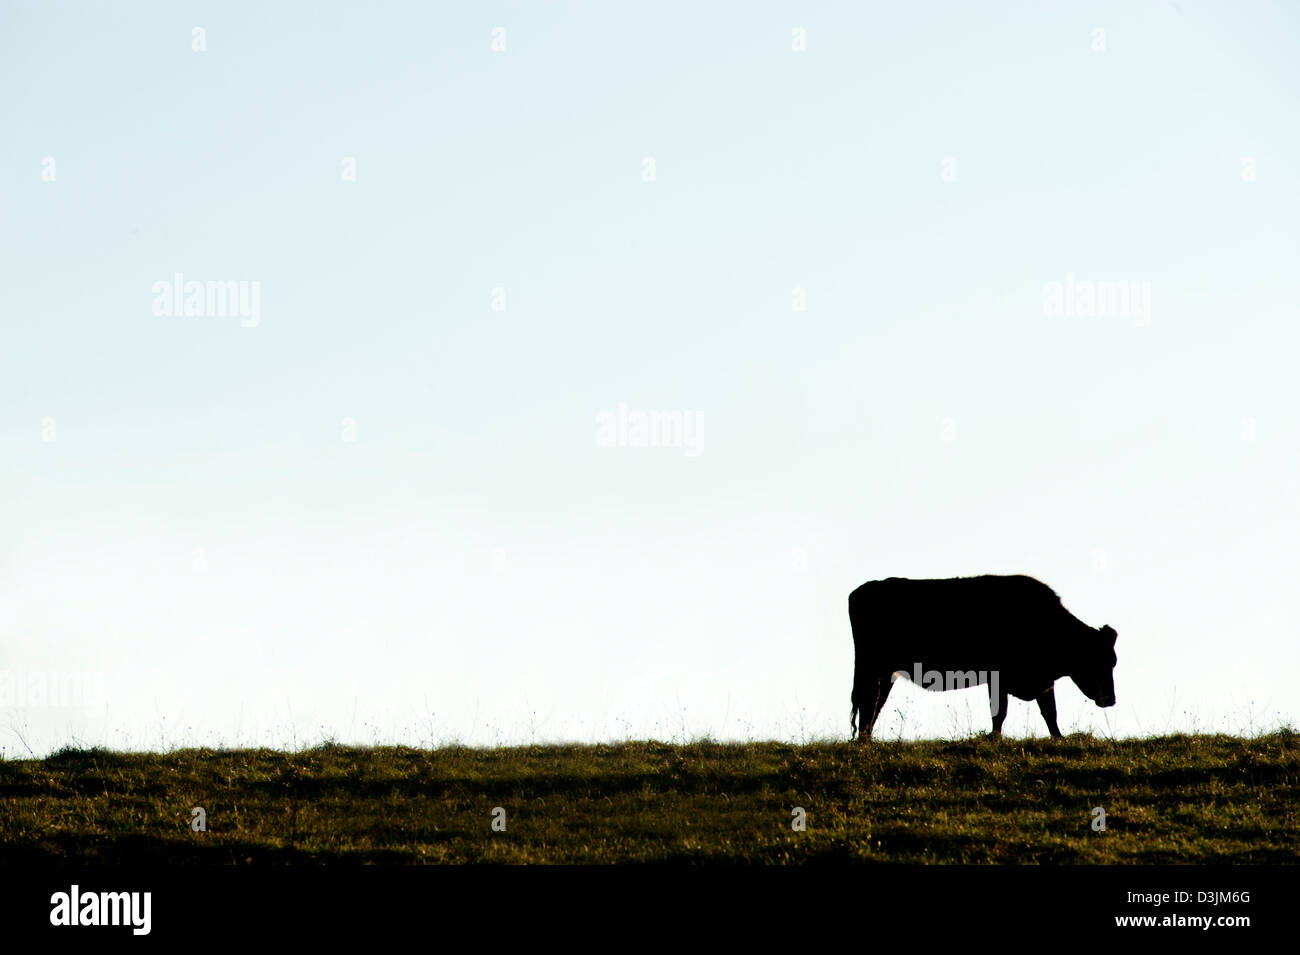 Einzelnen Kuh Silhouette gegen einen hellblauen Himmel Stockbild